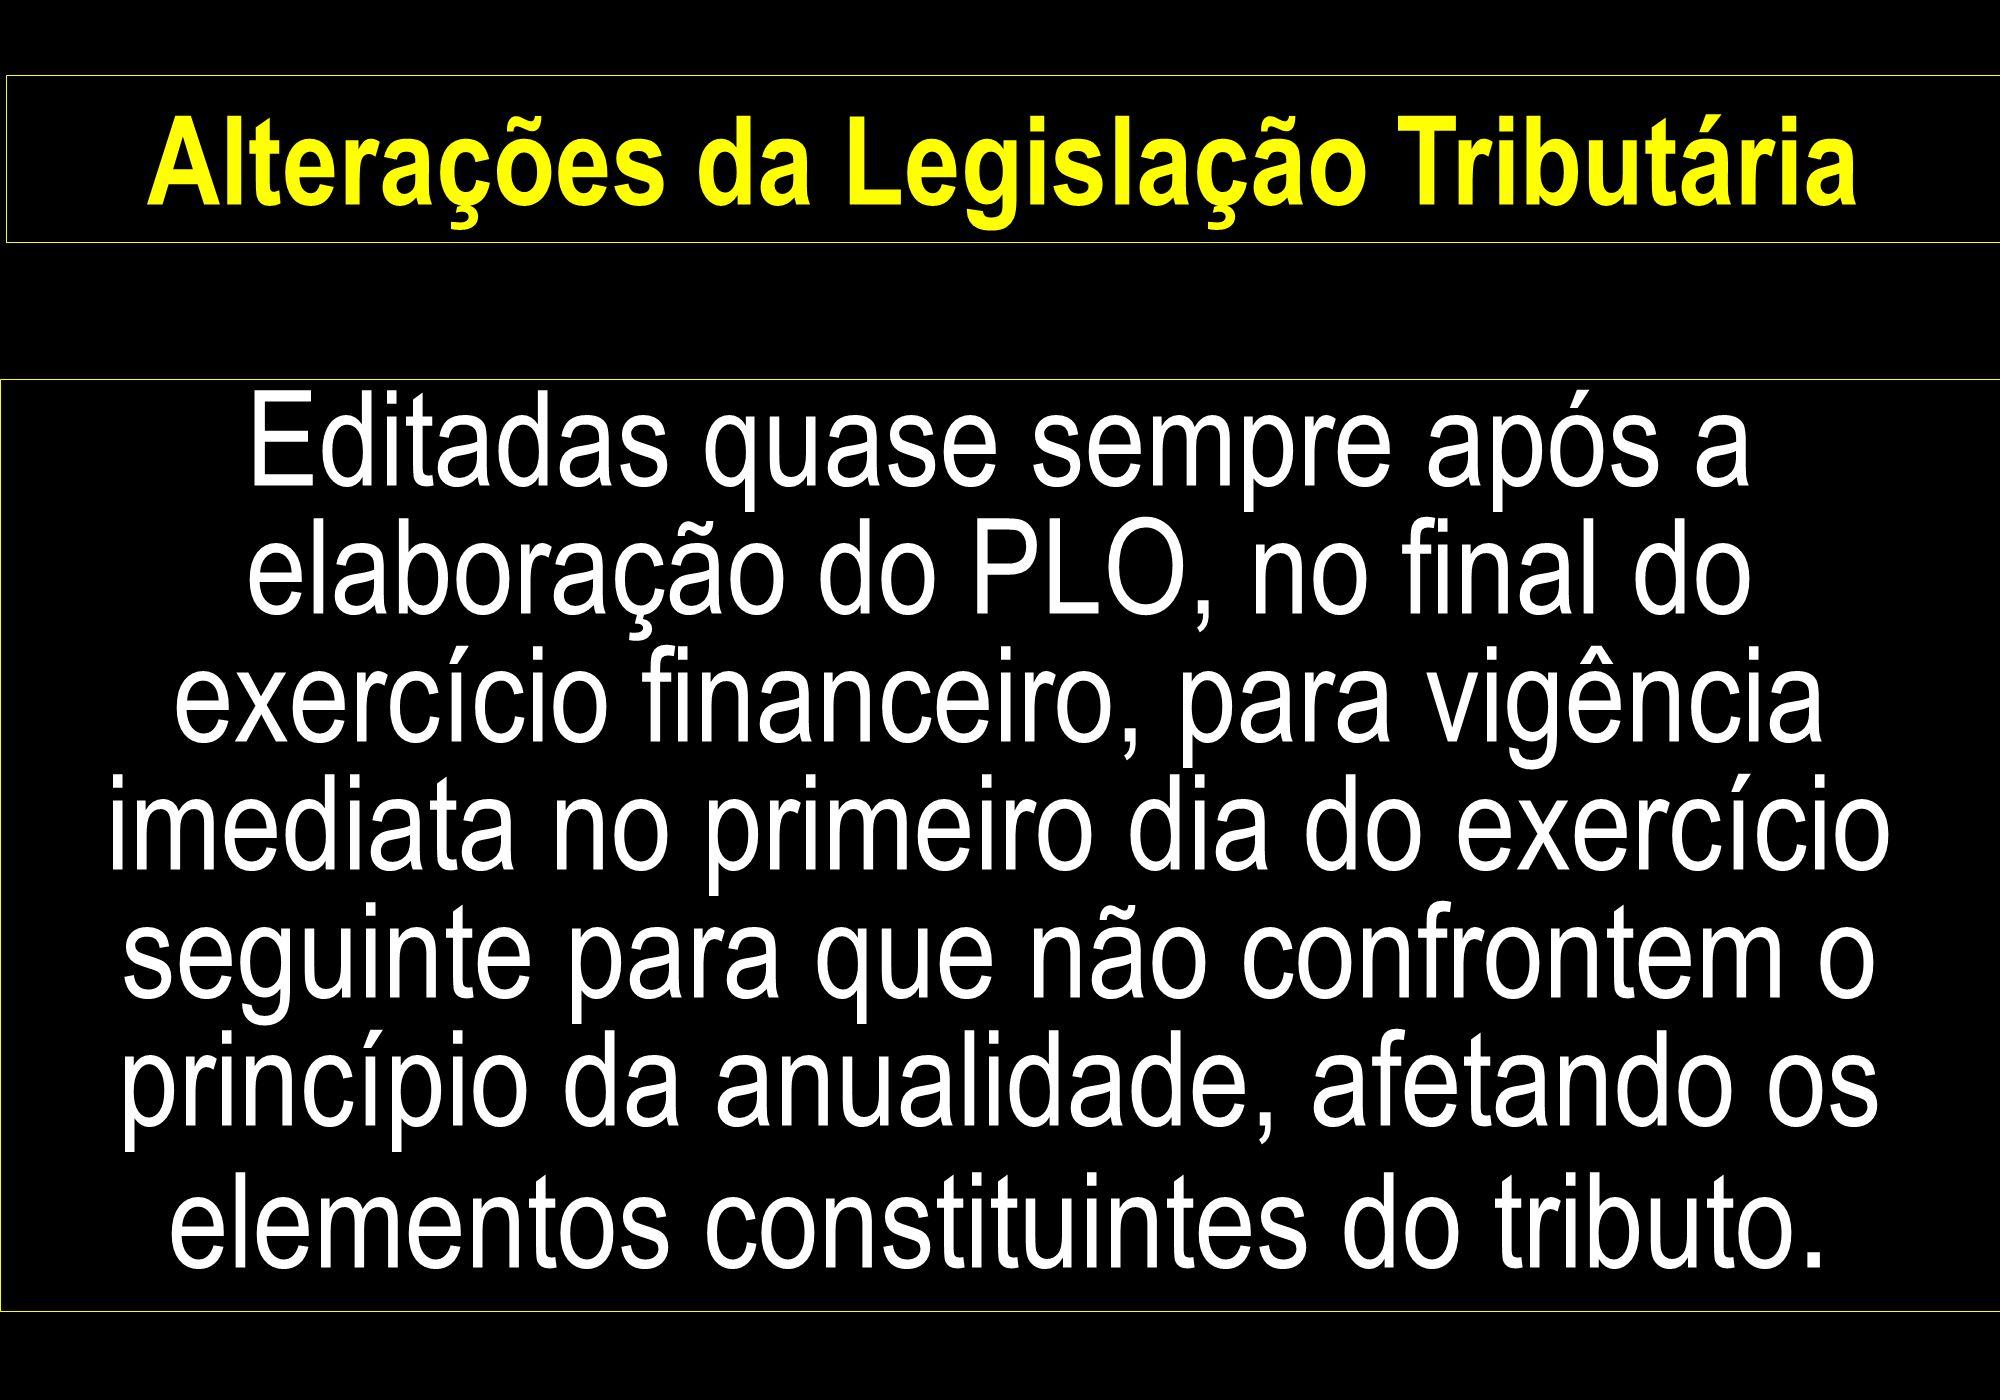 Alterações da Legislação Tributária